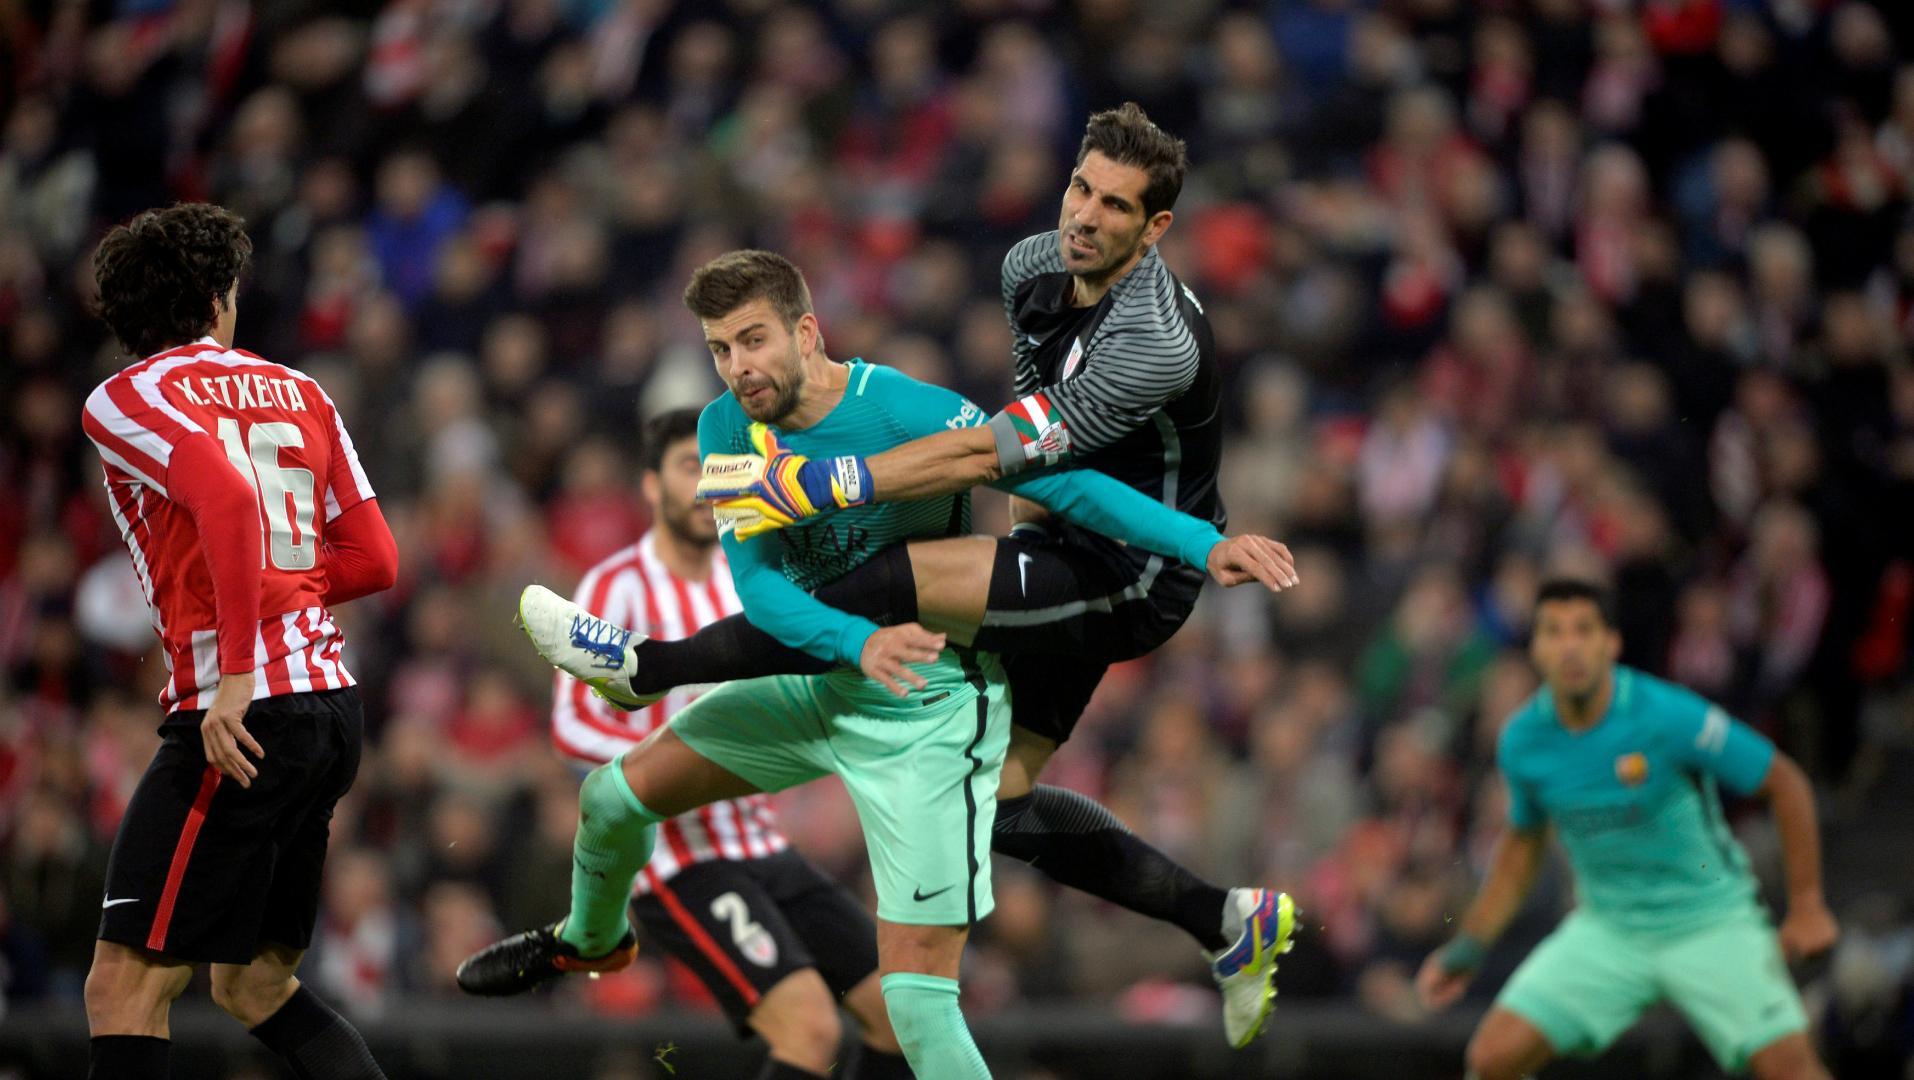 #LPDC6 : Bilbao gagne la première bataille contre Barcelone